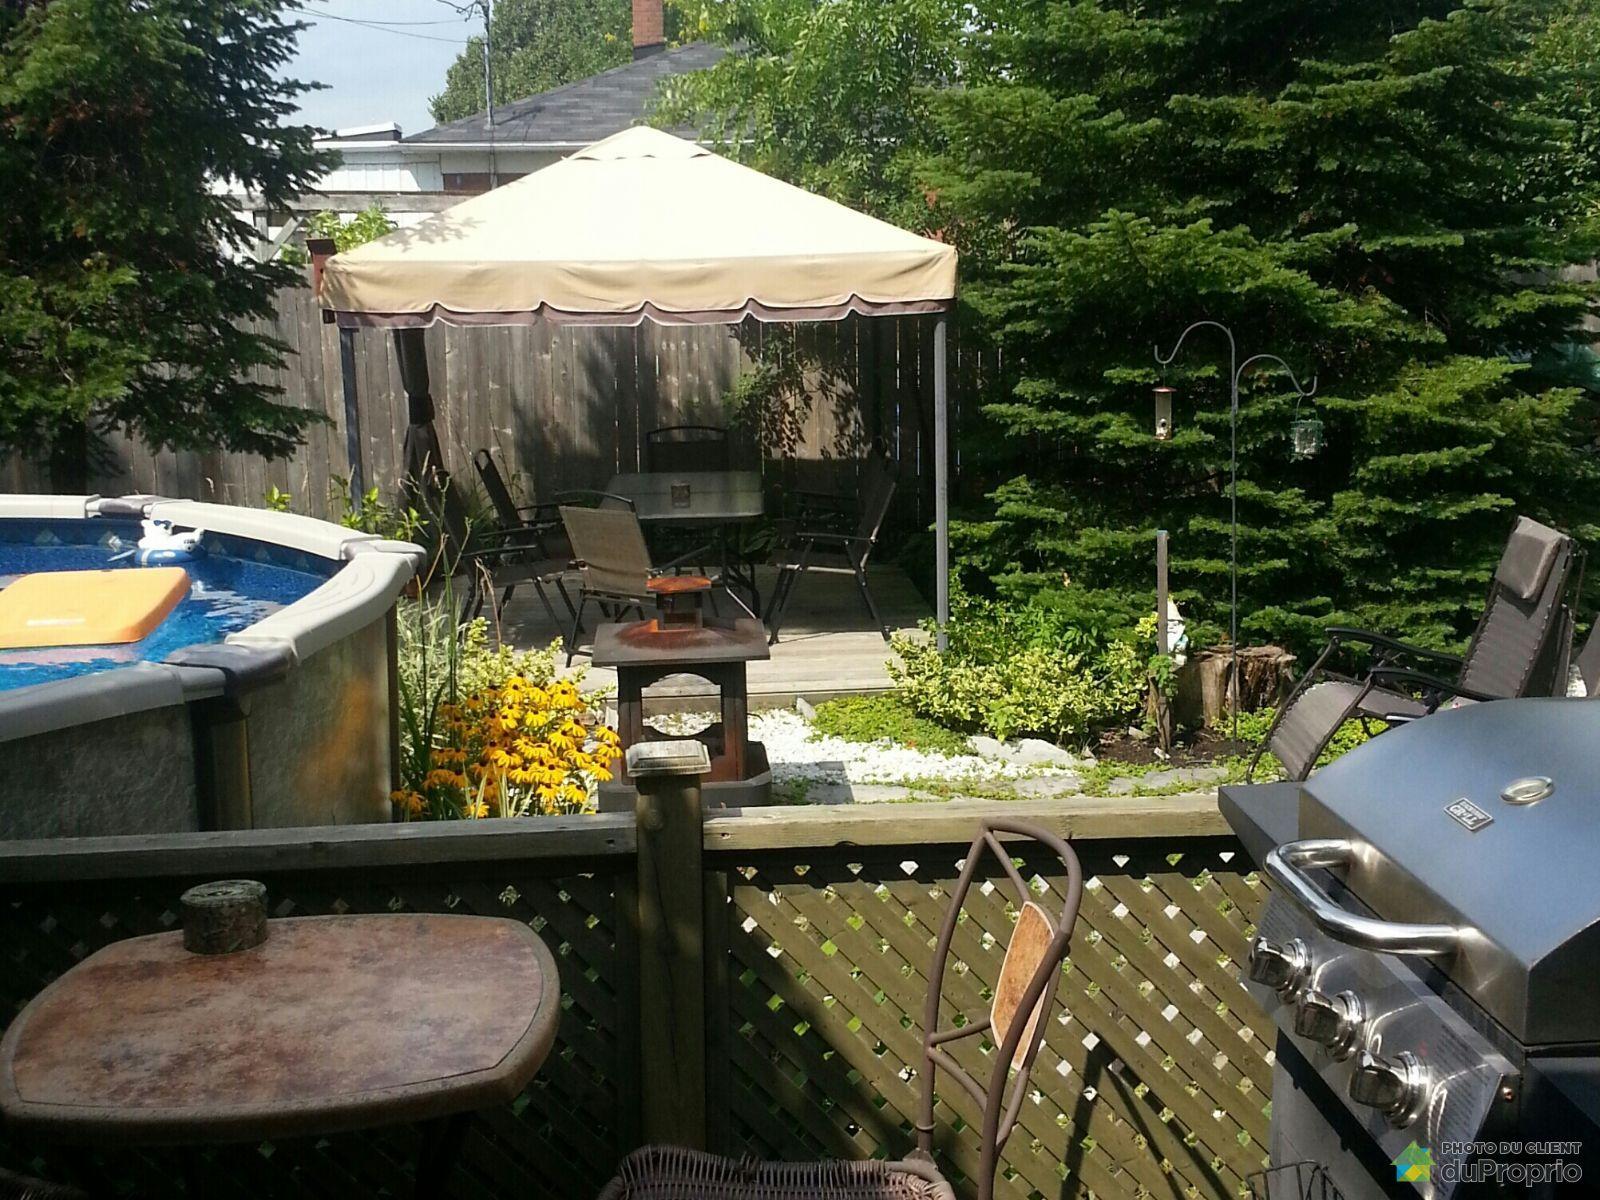 Maison vendu StJeansurRichelieu, immobilier Québec  DuProprio  688849